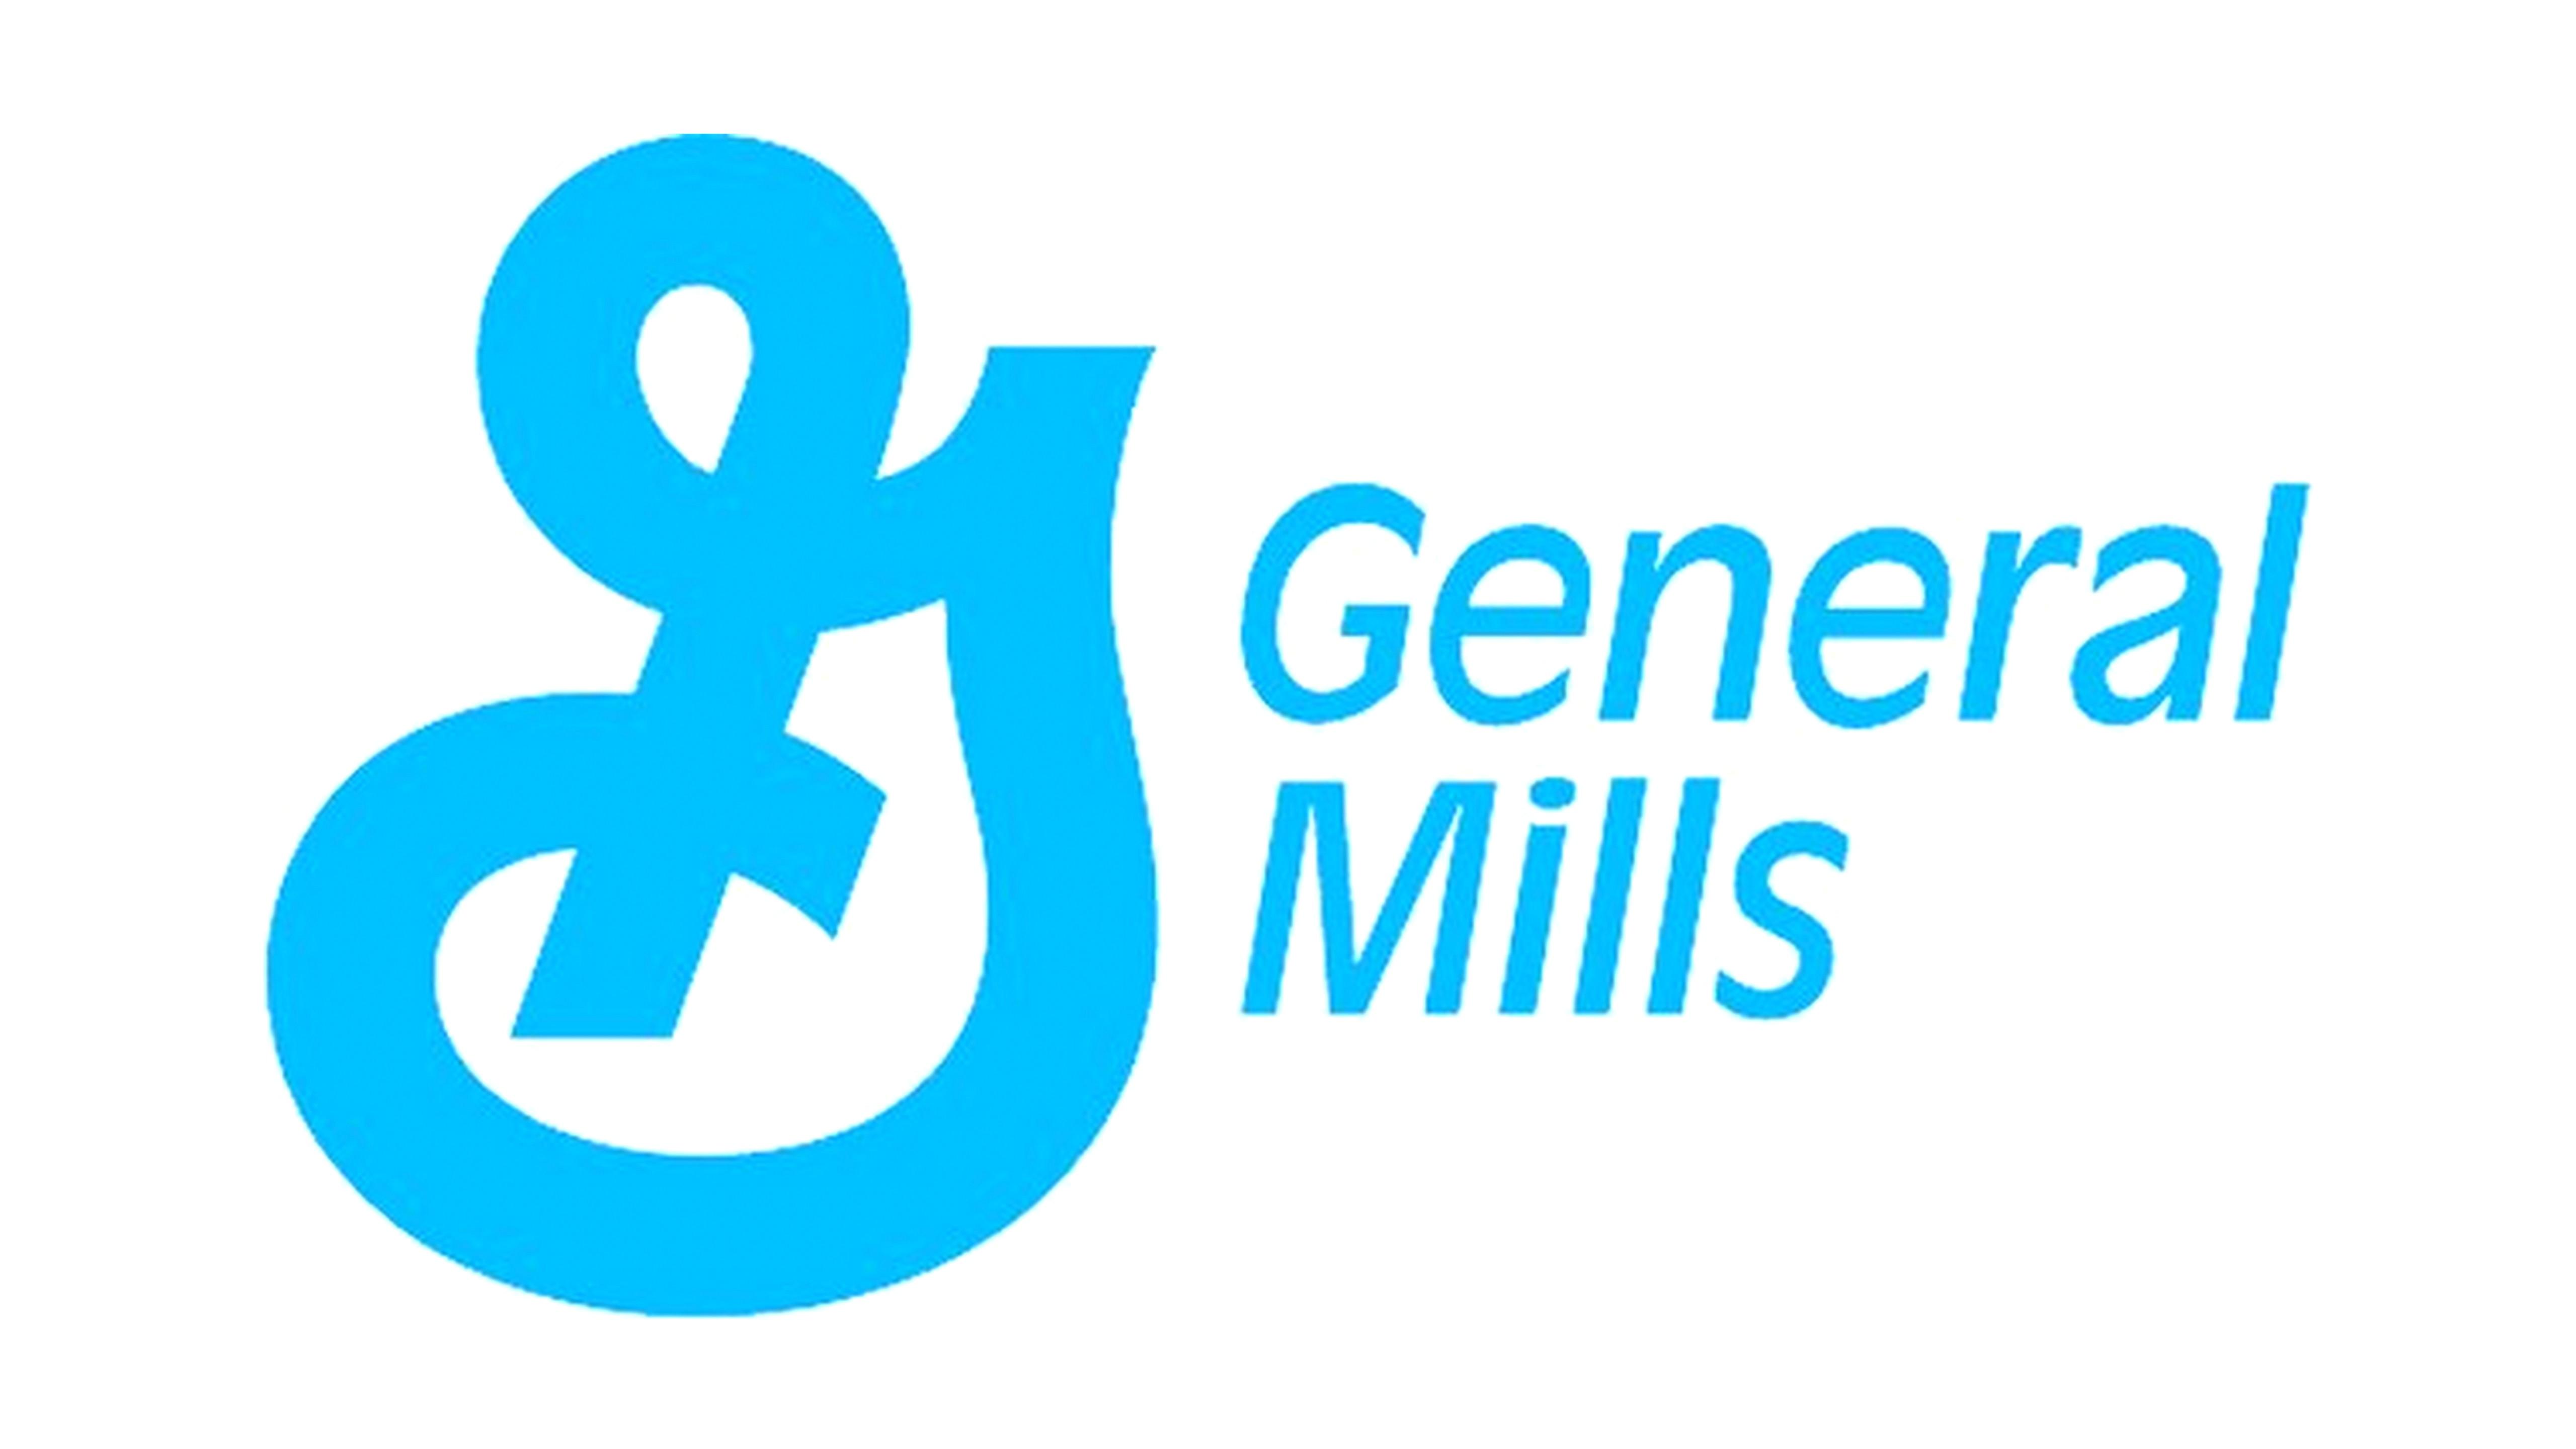 general mills General mills, à vista, na função crÉdito dúvidas entre em contato pelo telefone 11 4003-9099 de segunda a sexta-feira, das 09h00 às 18h00.